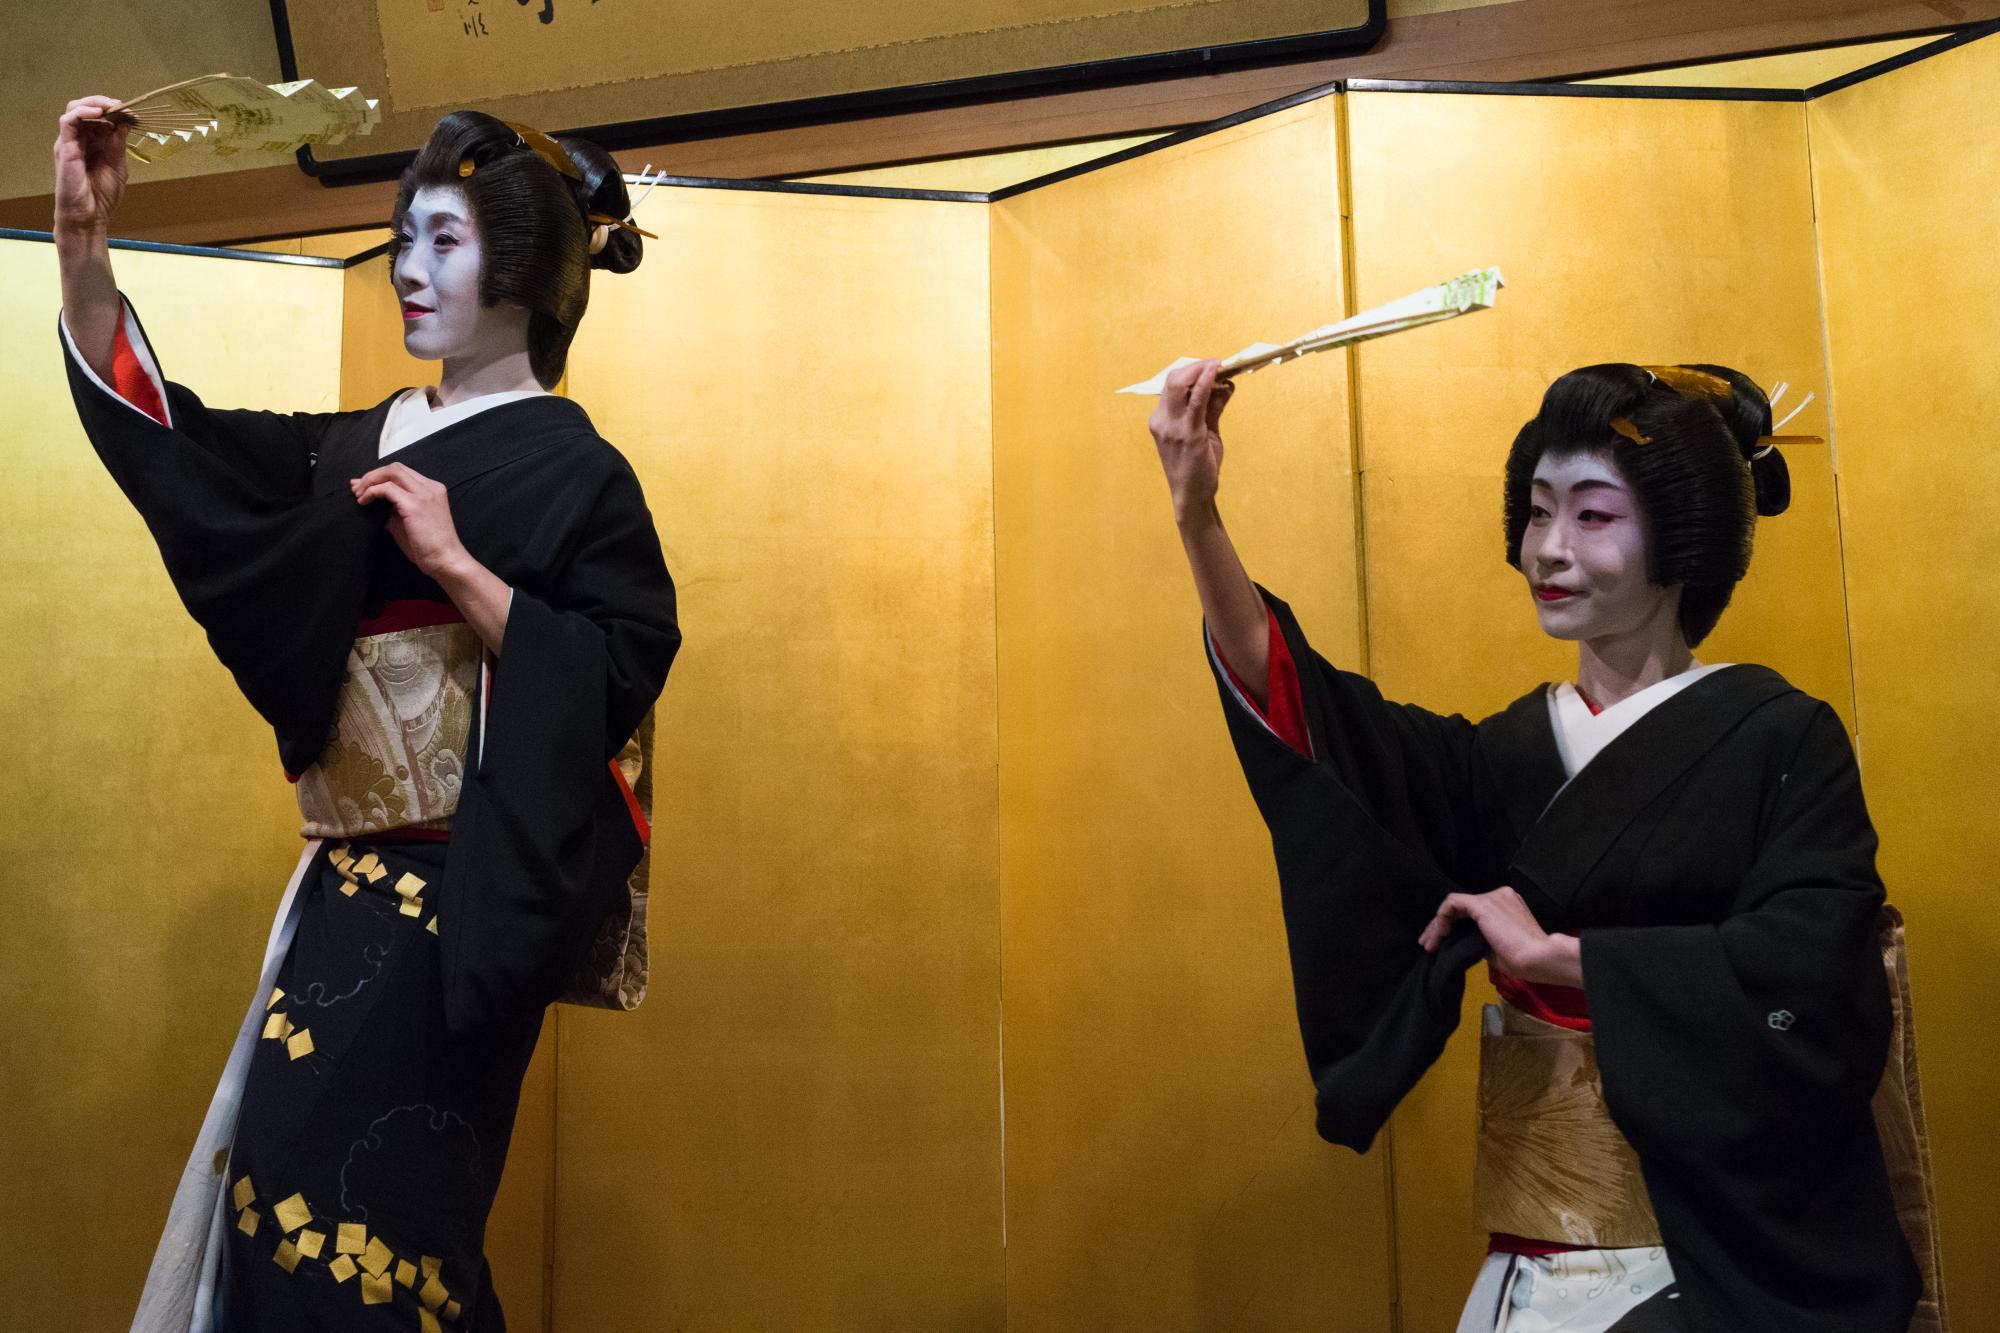 日本文化に触れよう! 浅草芸者に逢える会 【今週のおおすすめイベント】